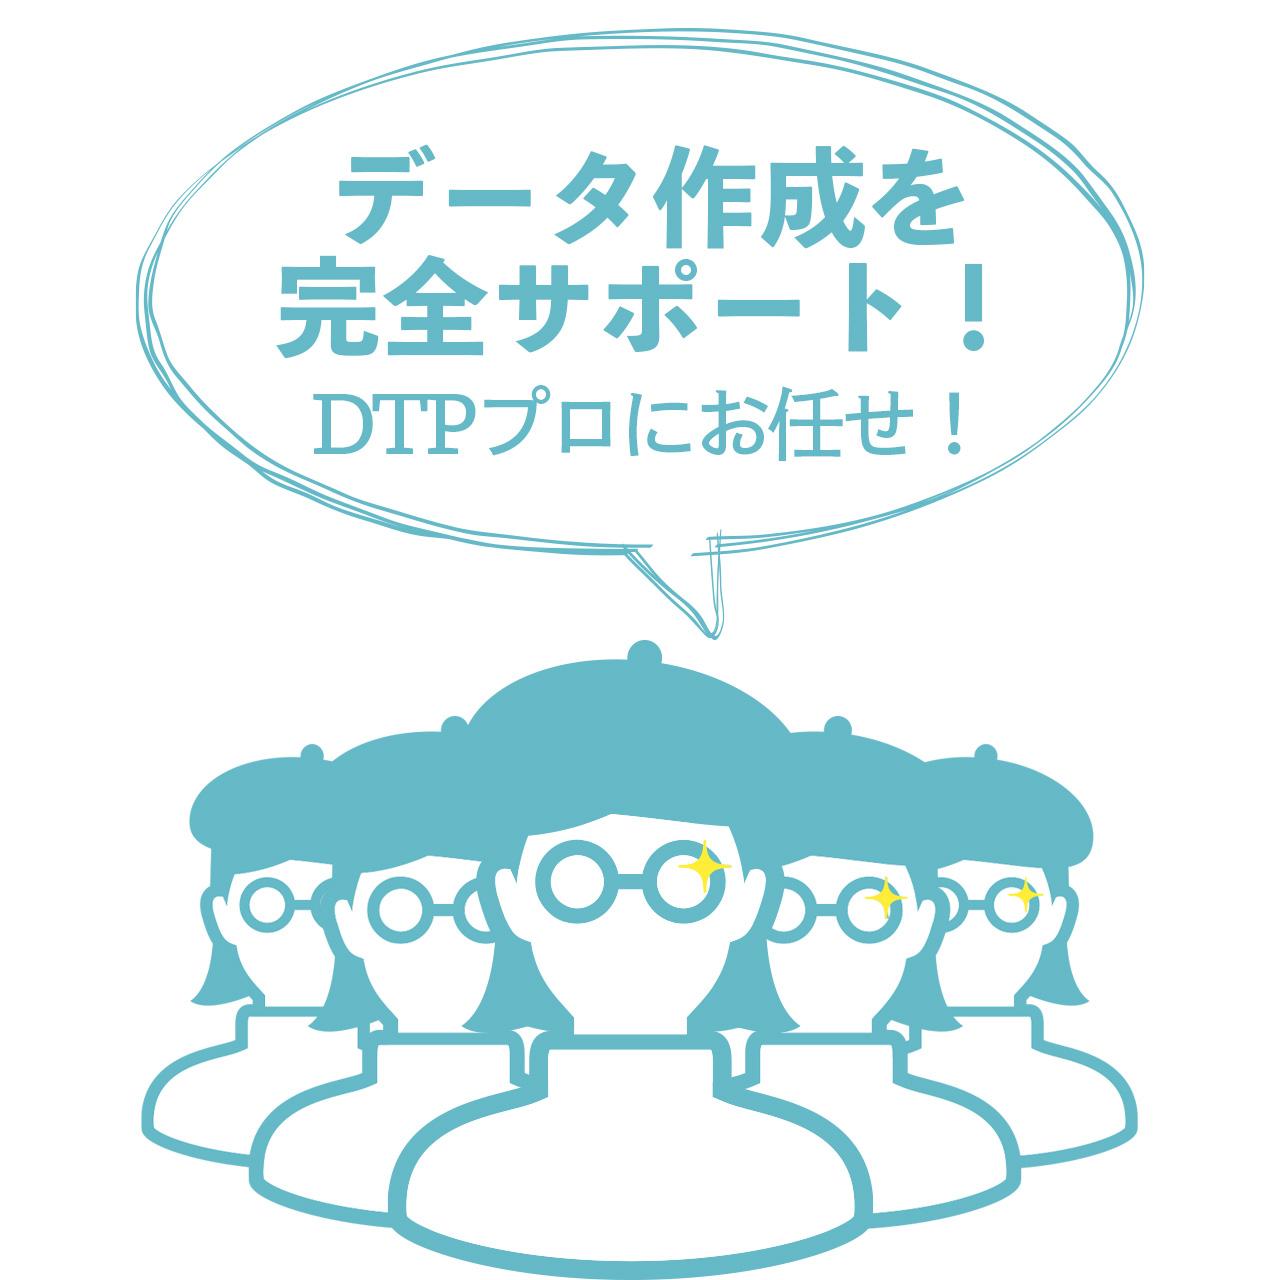 データ作成を 完全サポート! DTPプロにお任せ!